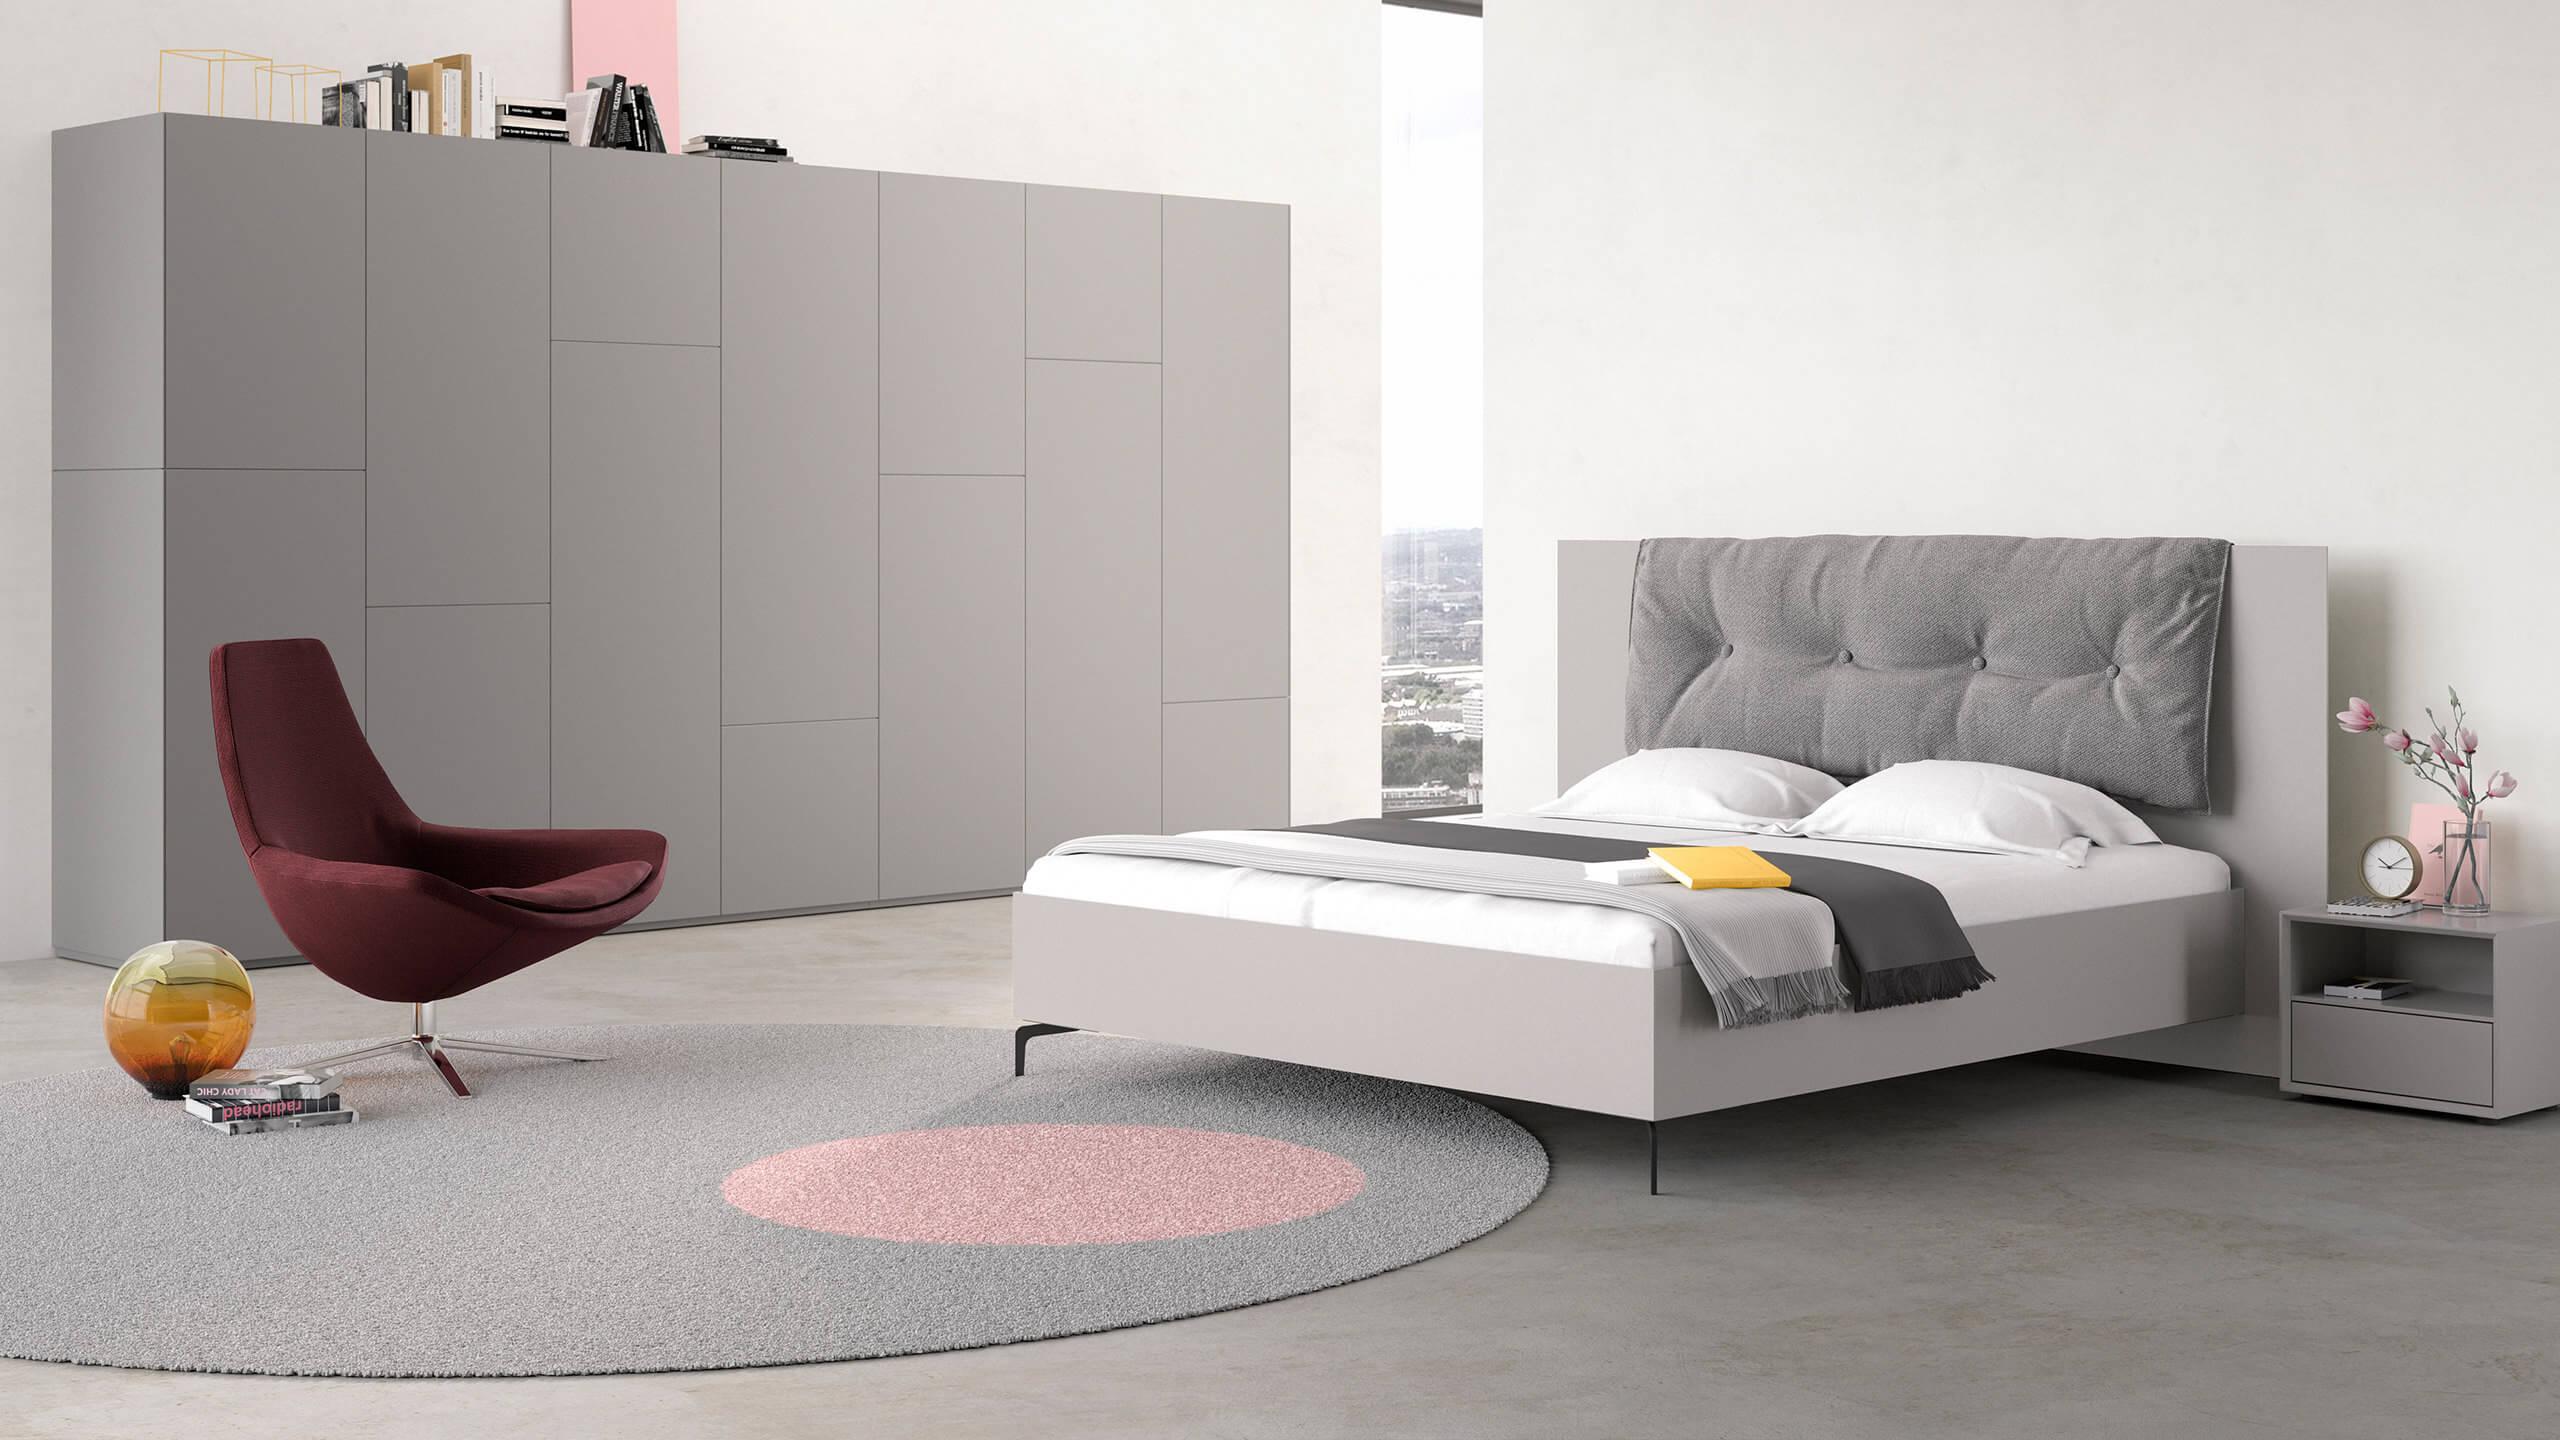 Schlafzimmer Gestaltung Grau Caseconrad Com